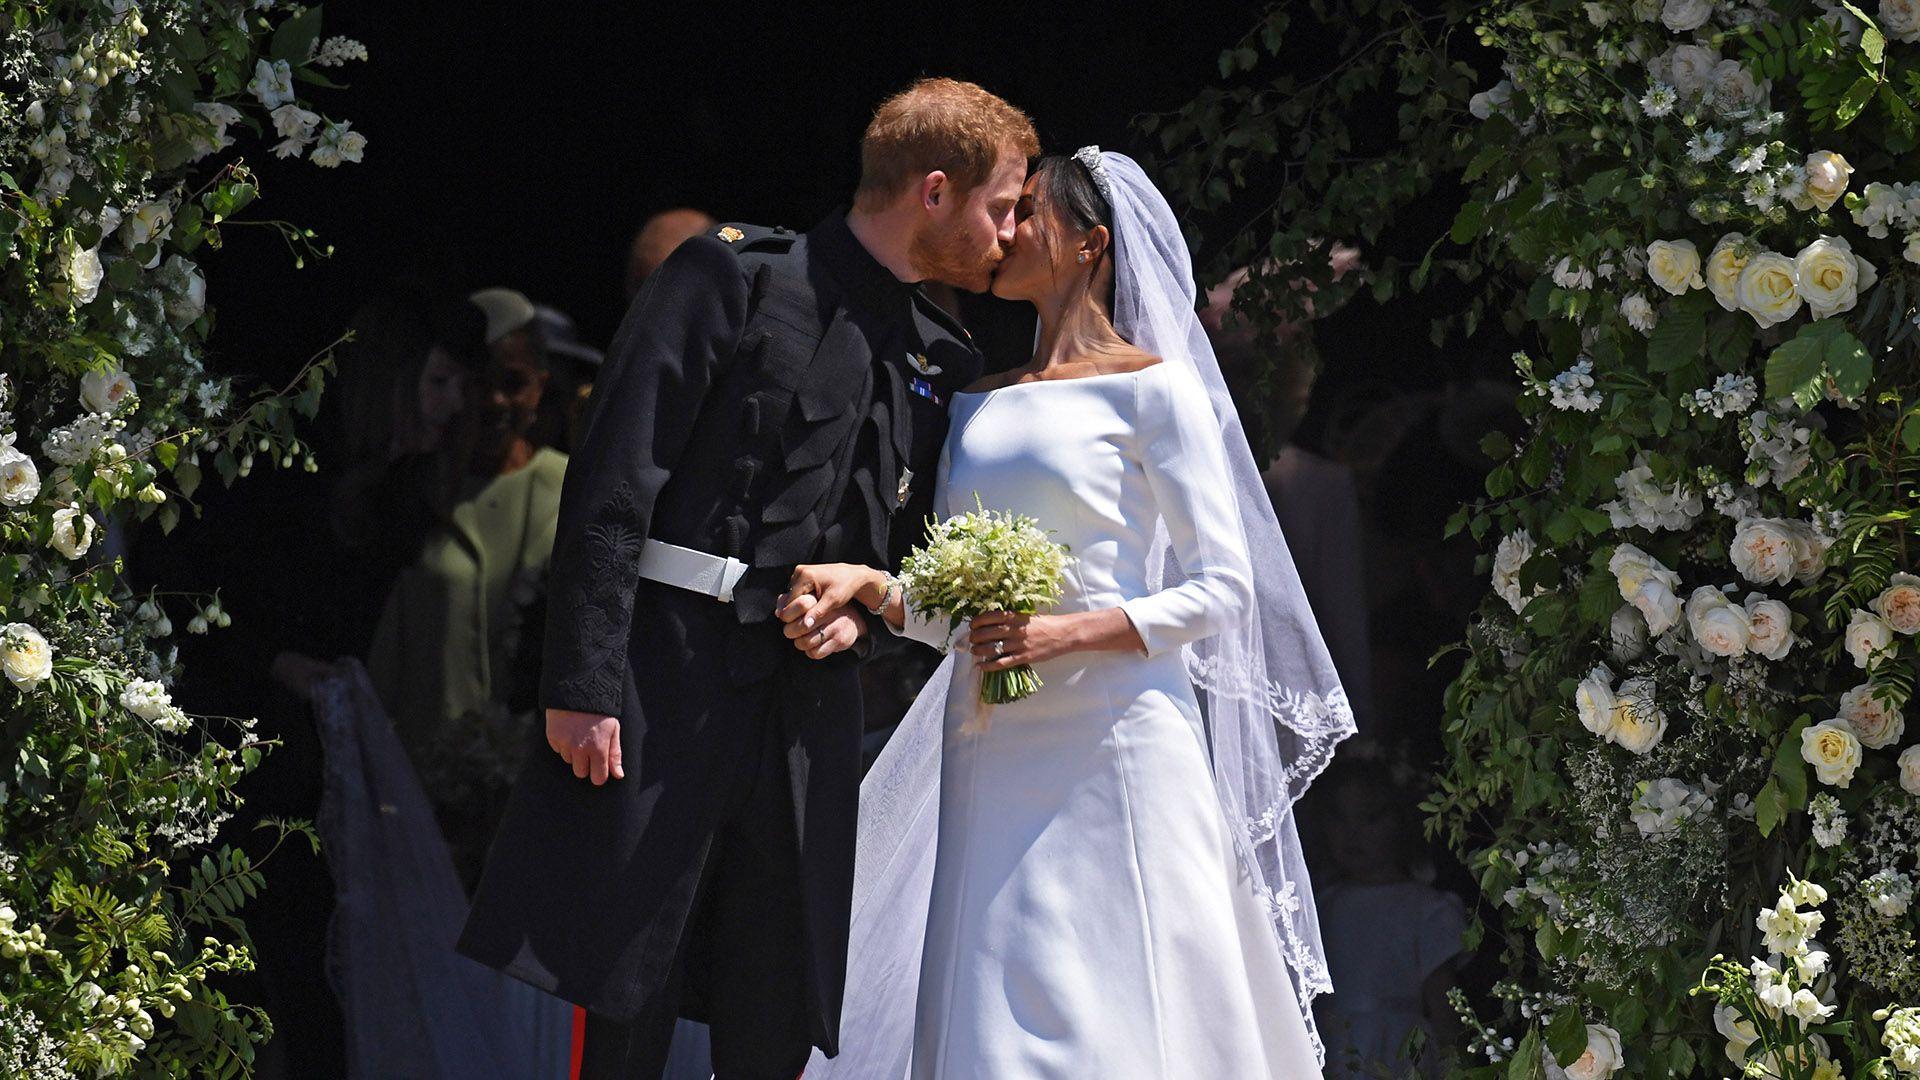 El vestido de novia de Meghan Markle recibió buenas críticas por su sencillez (Foto: EFE)